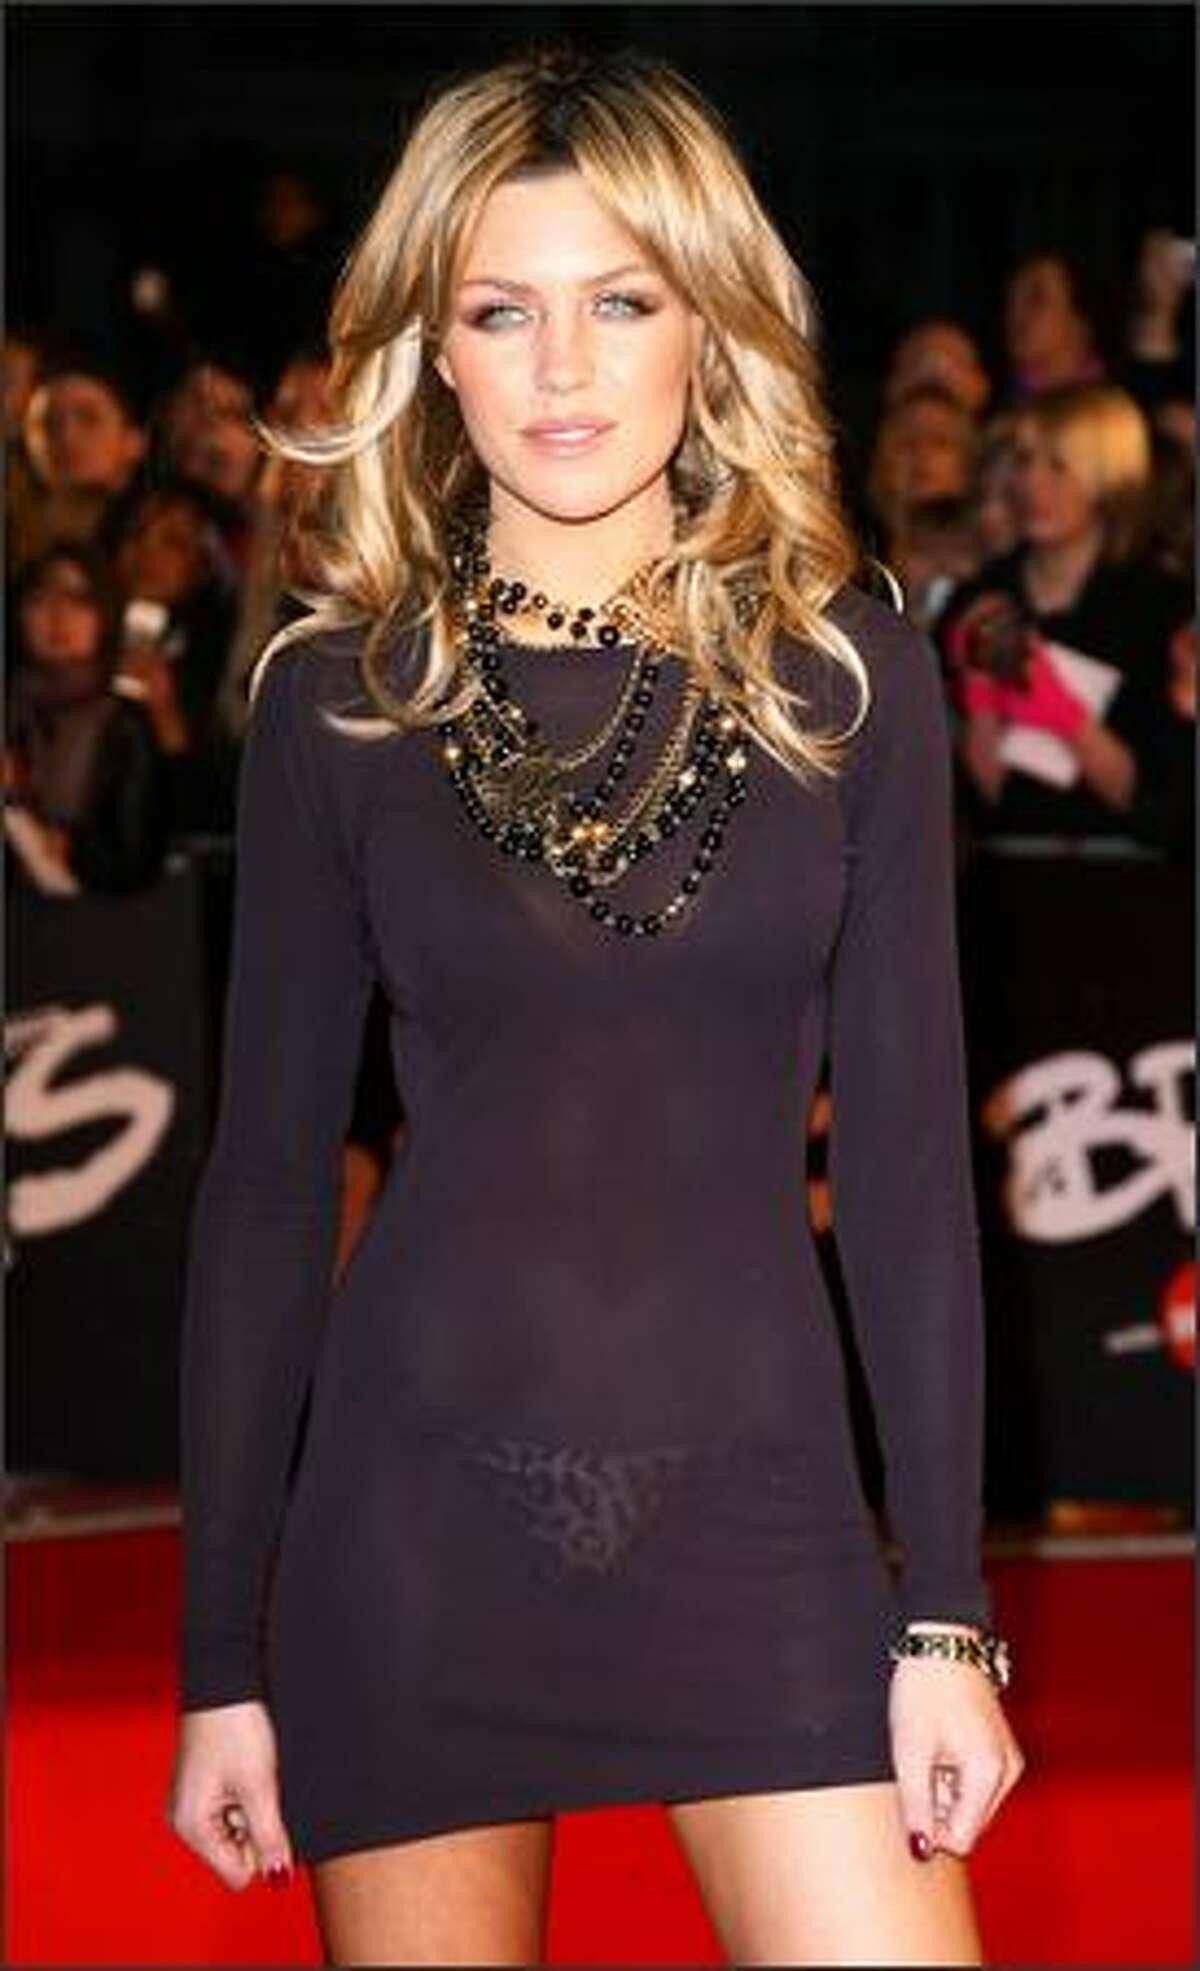 No. 12: English model Abigail Clancy (photo taken Feb. 20, 2008).